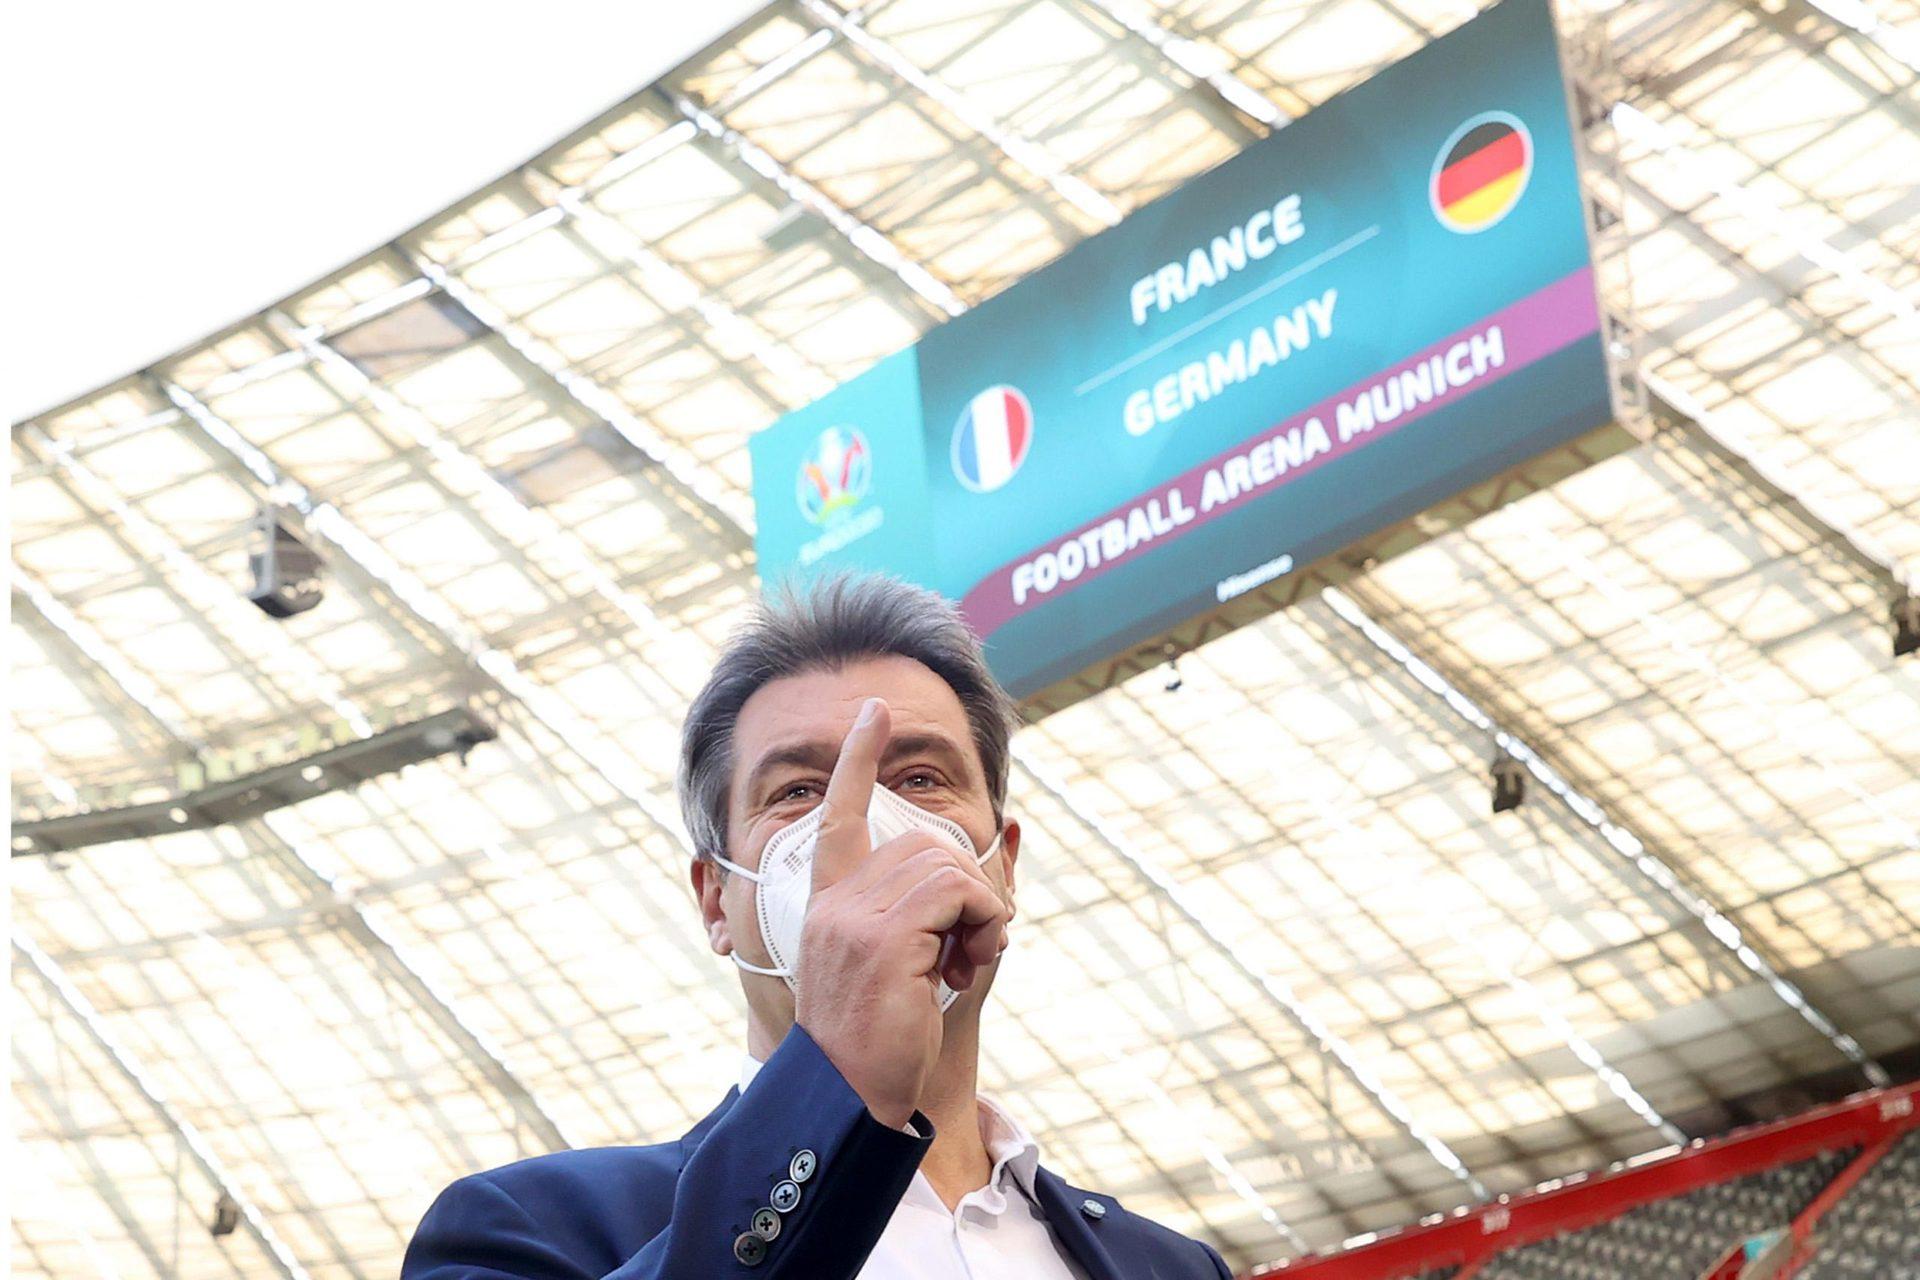 Söder: EM-Spiele in München «mit gutem Gewissen genießen» Voraussetzung aber sei, dass Masken genutzt und Abstand gehalten werde